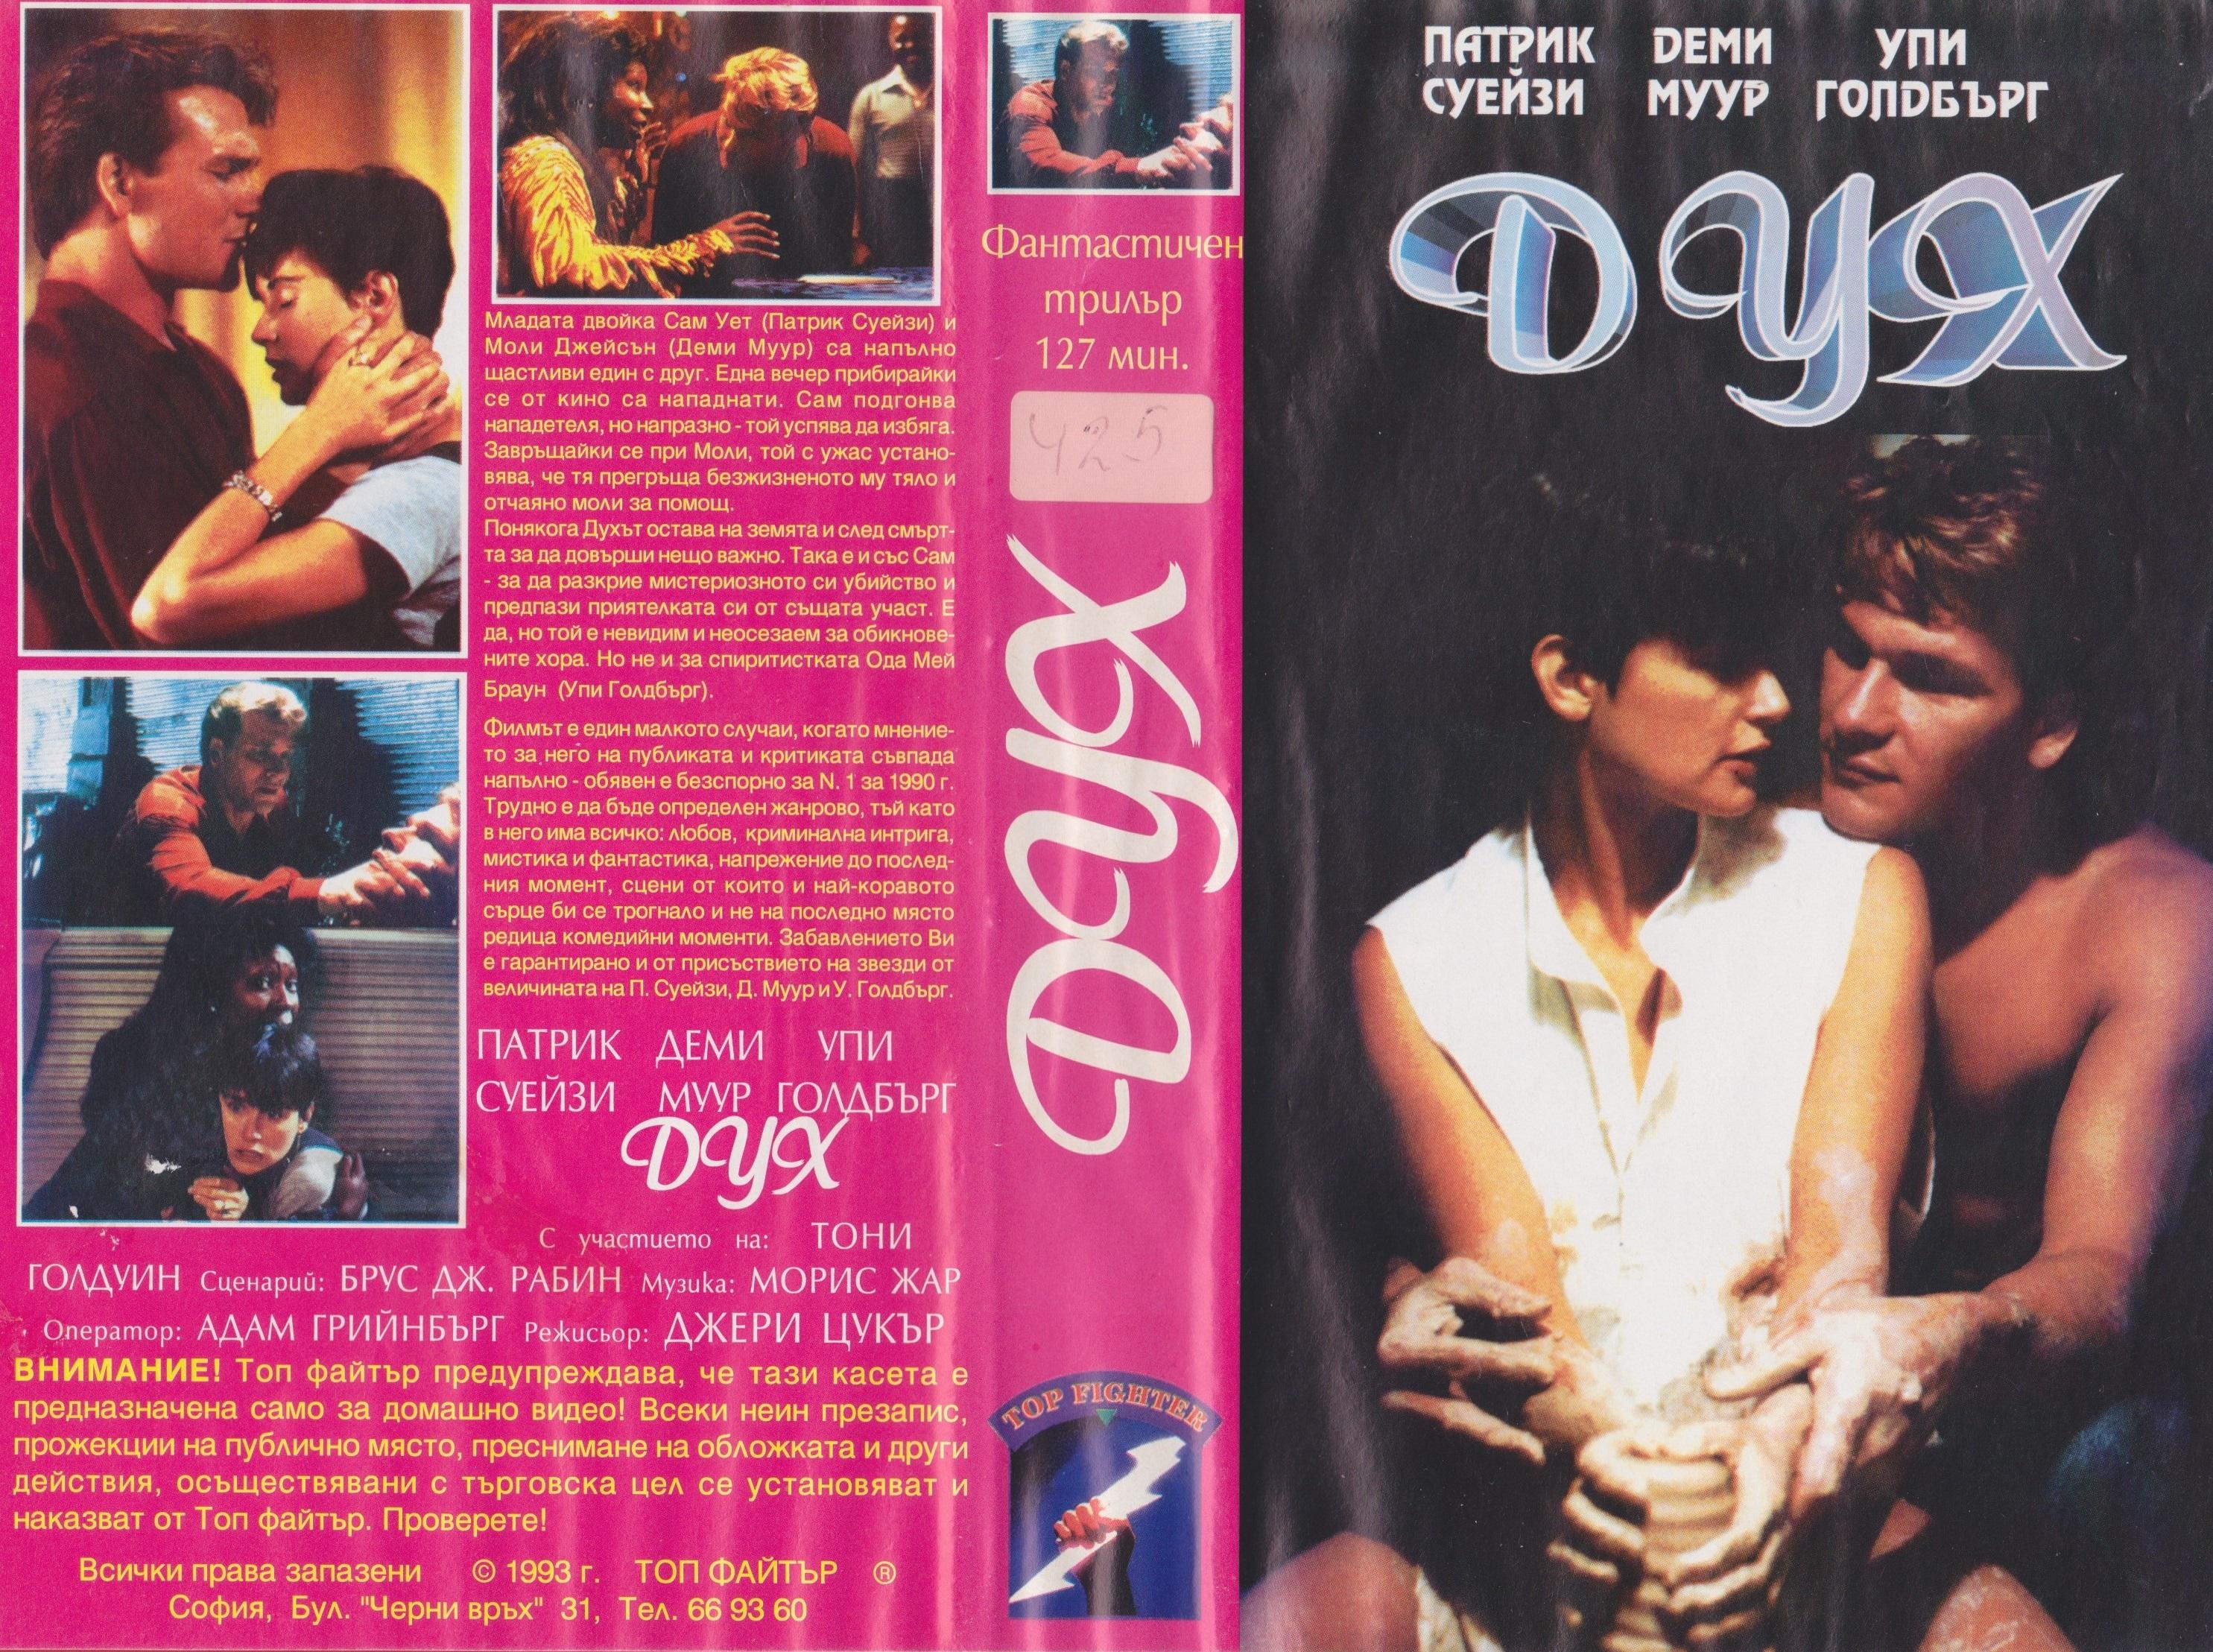 Дух филм постер патрик суейзи